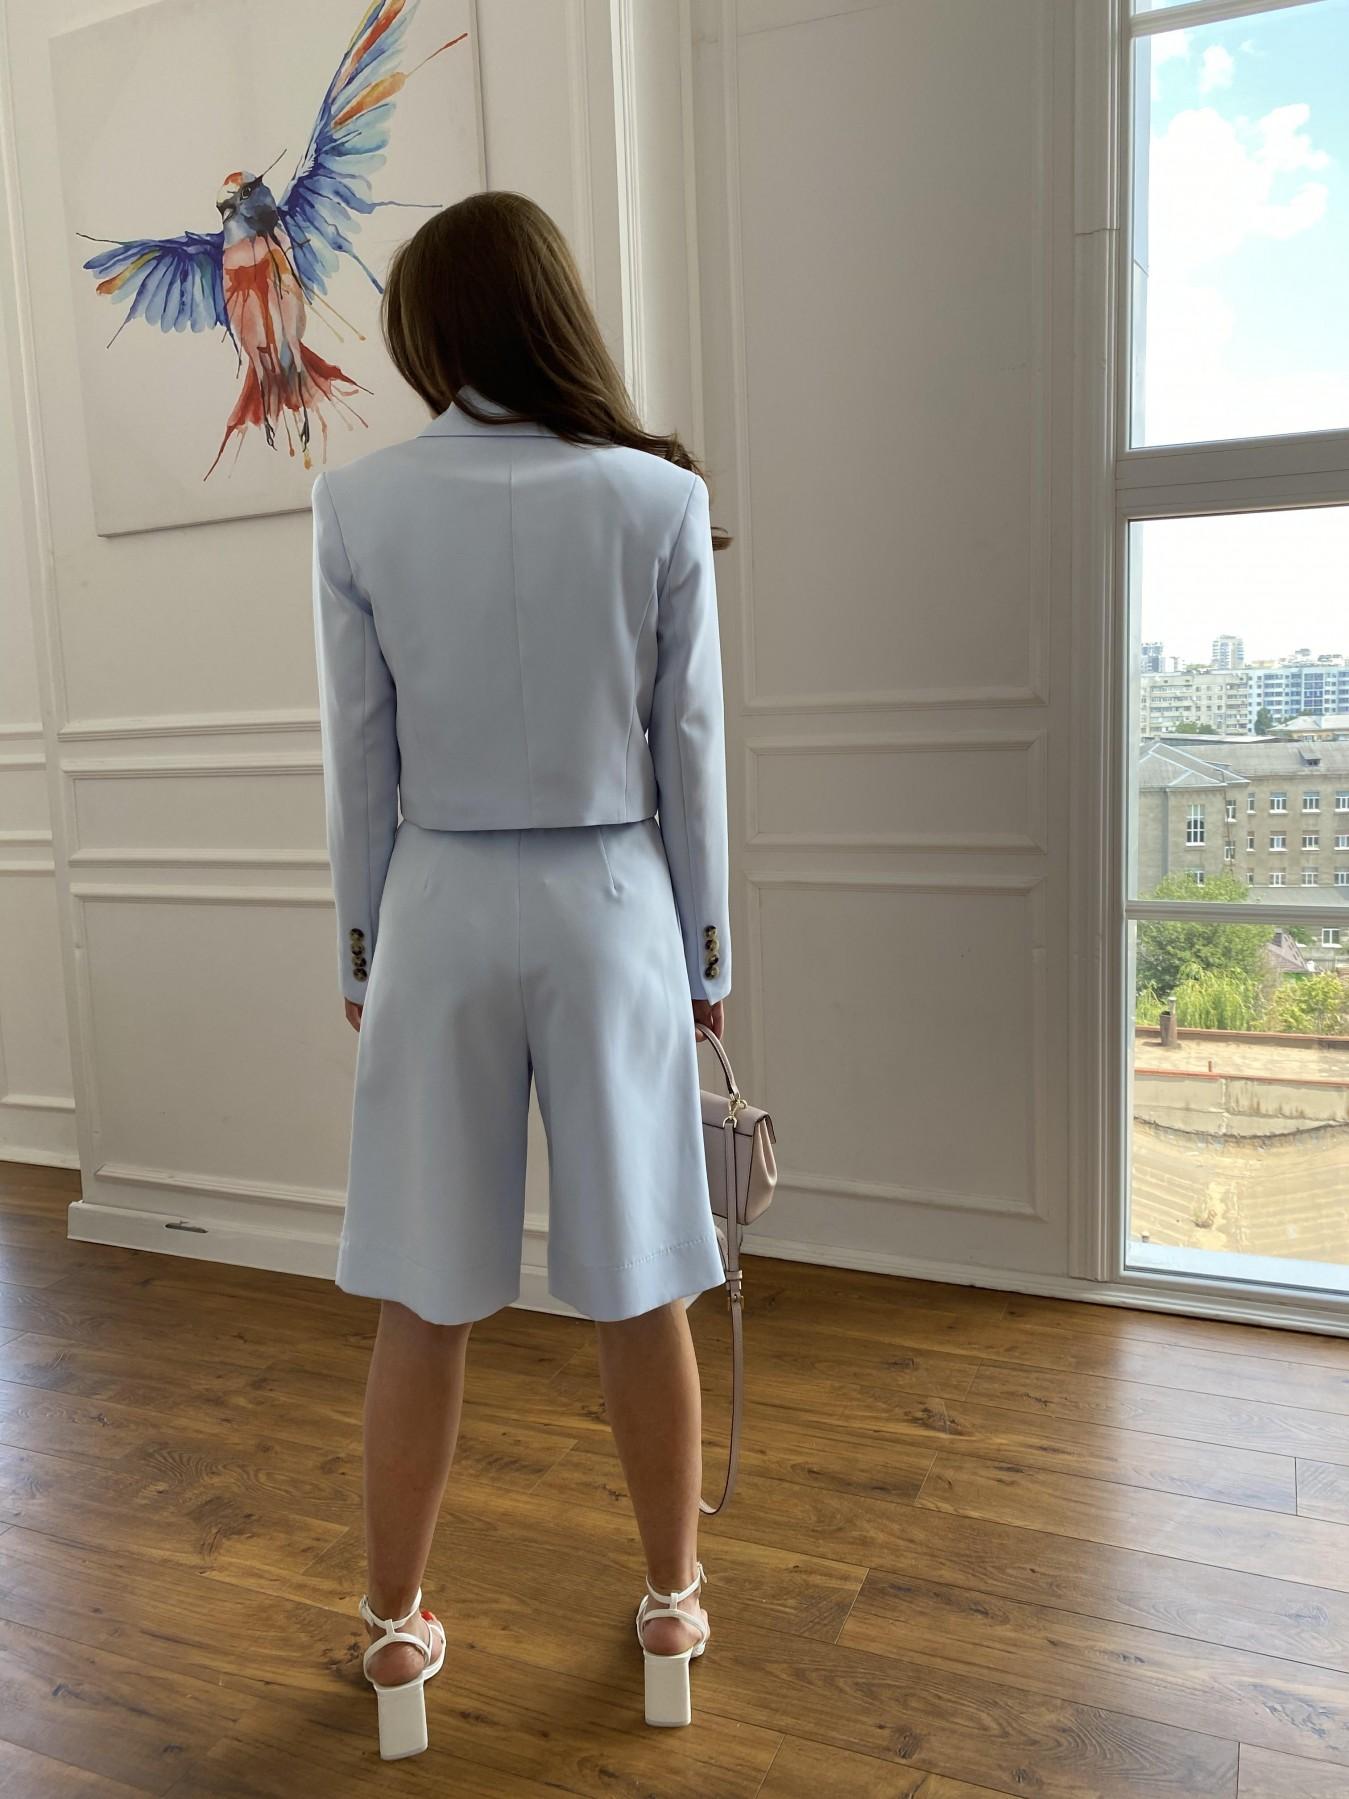 Оксфорд костюм из костюмной ткани стрейч 11548 АРТ. 48219 Цвет: Голубой - фото 6, интернет магазин tm-modus.ru